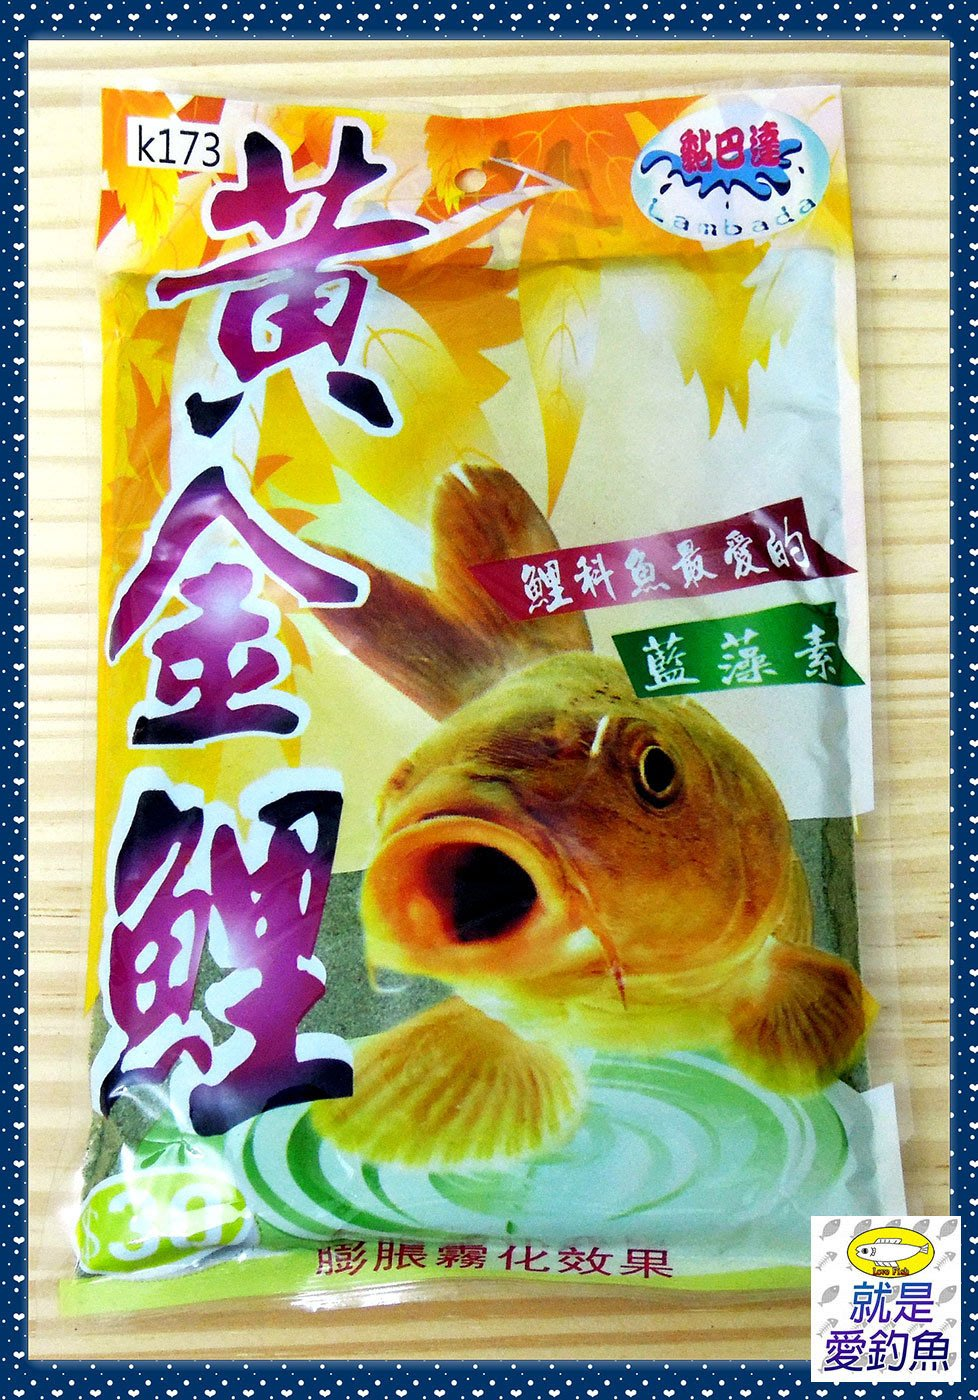 【就是愛釣魚】黏巴達 黃金鯉魚餌 鯉魚 藍藻素 誘食劑 釣餌 魚餌 釣魚 池釣 溪釣 釣魚餌 鯉科魚